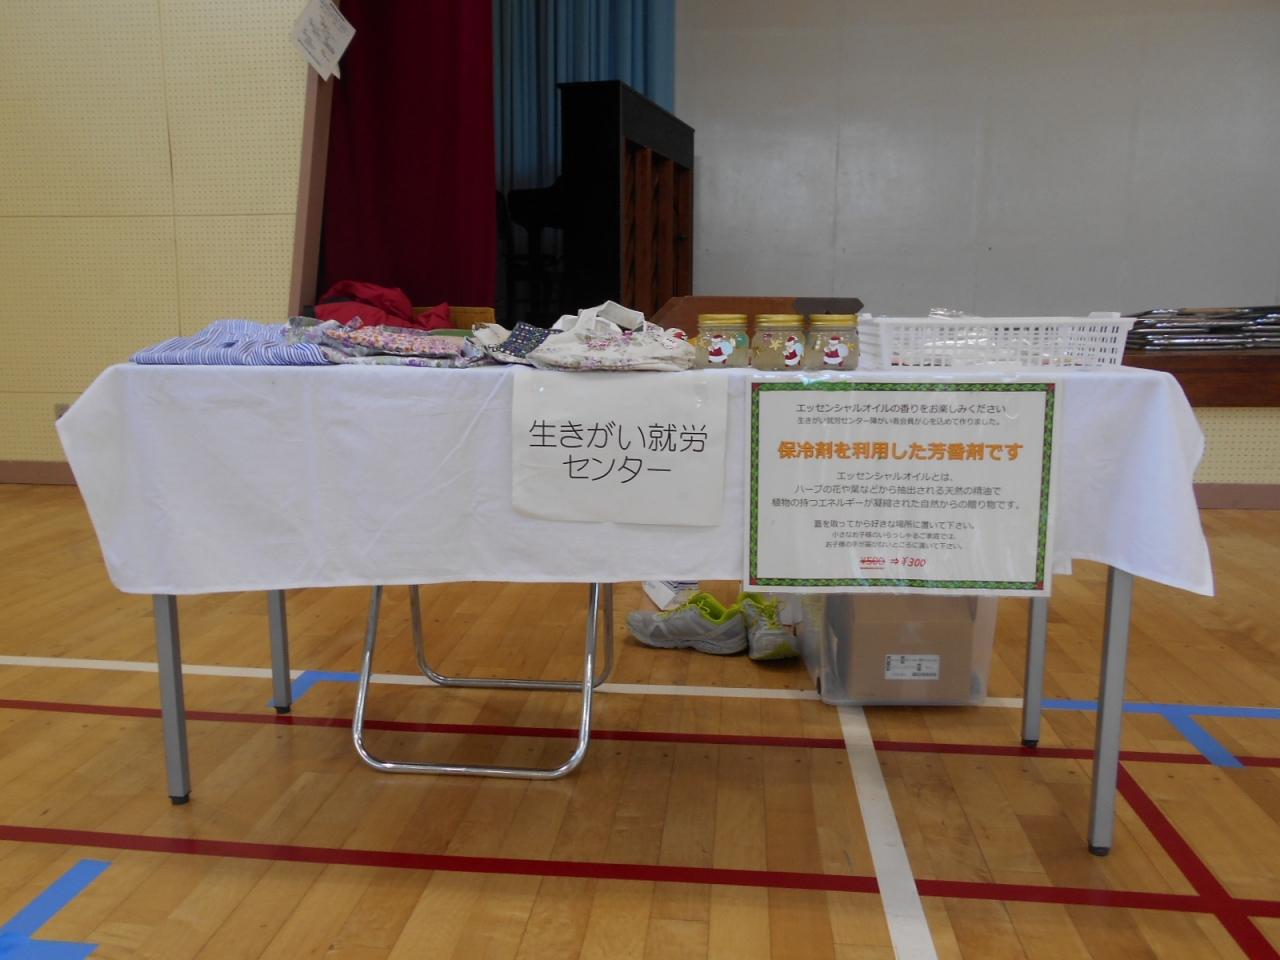 藤沢養護学校プレミアムバザー